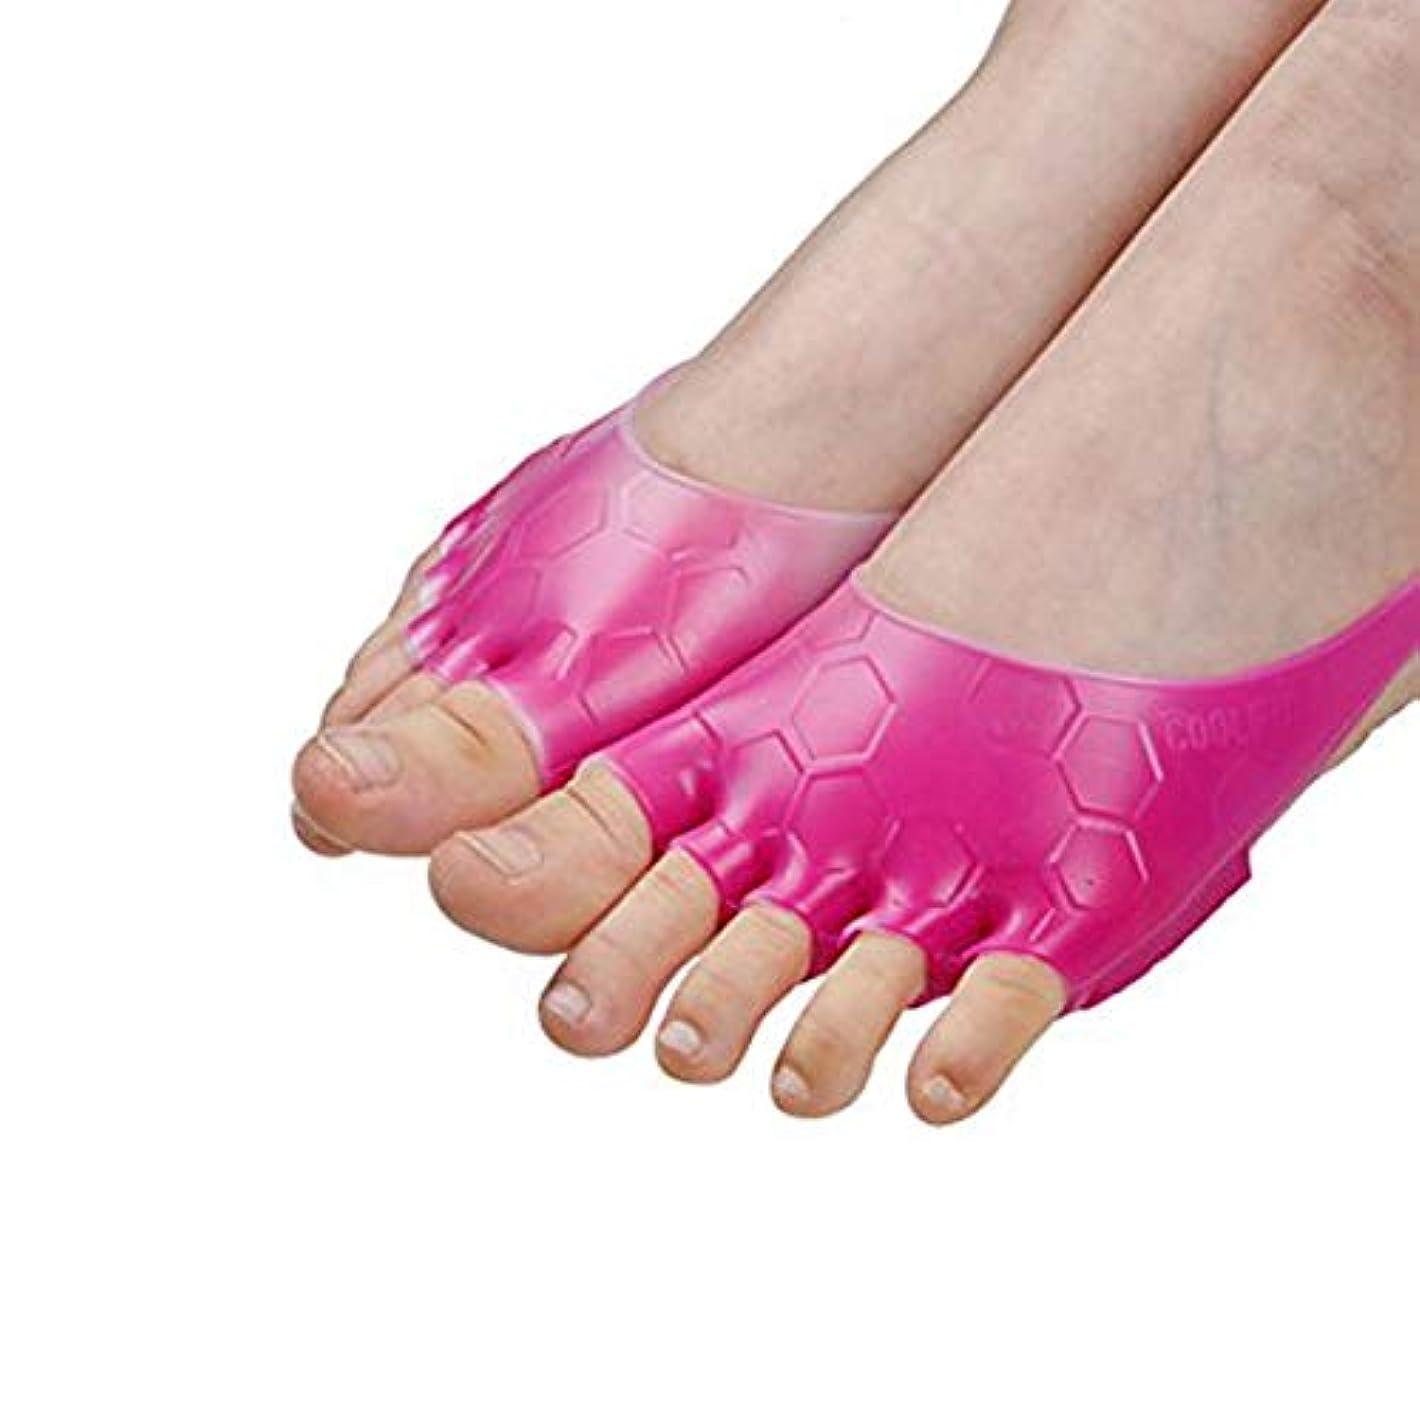 望ましい息苦しい電池足指 フットケア シリコンパッド 広げる エクササイズ 五本指 冷え性 むくみ ストレッチ 両足セット